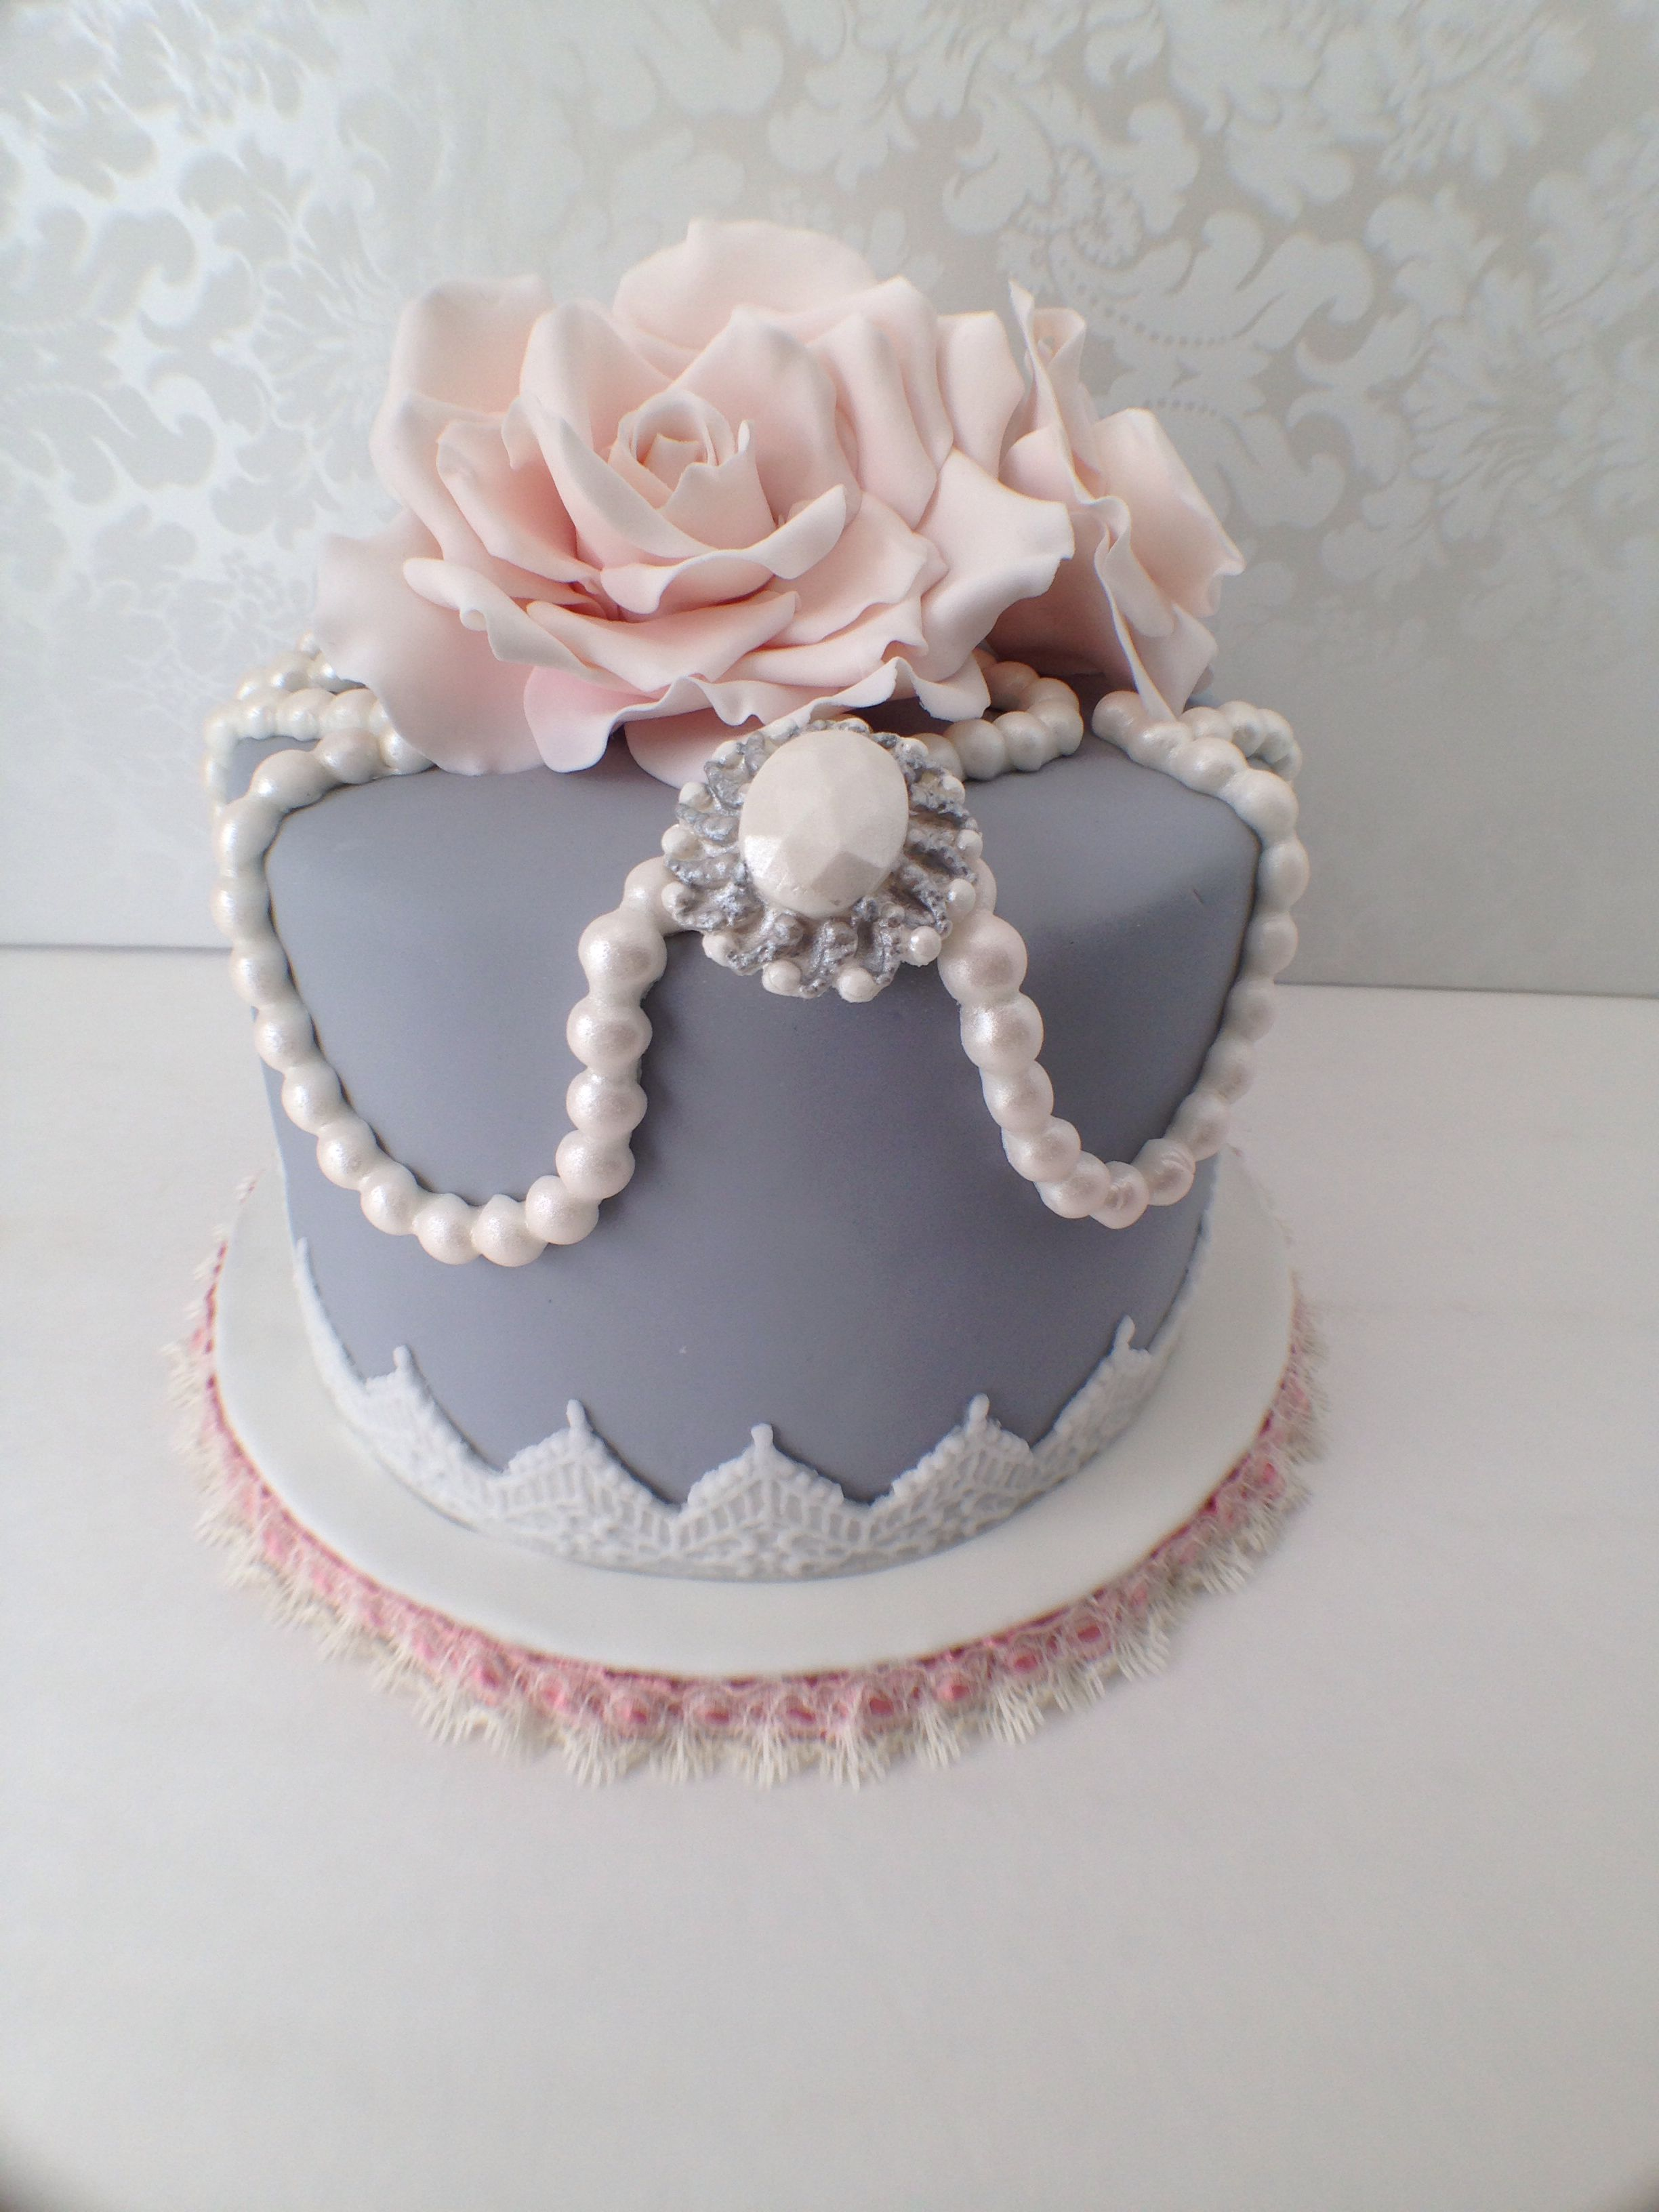 My beautiful mothers birthday cake! I enjoyed making it